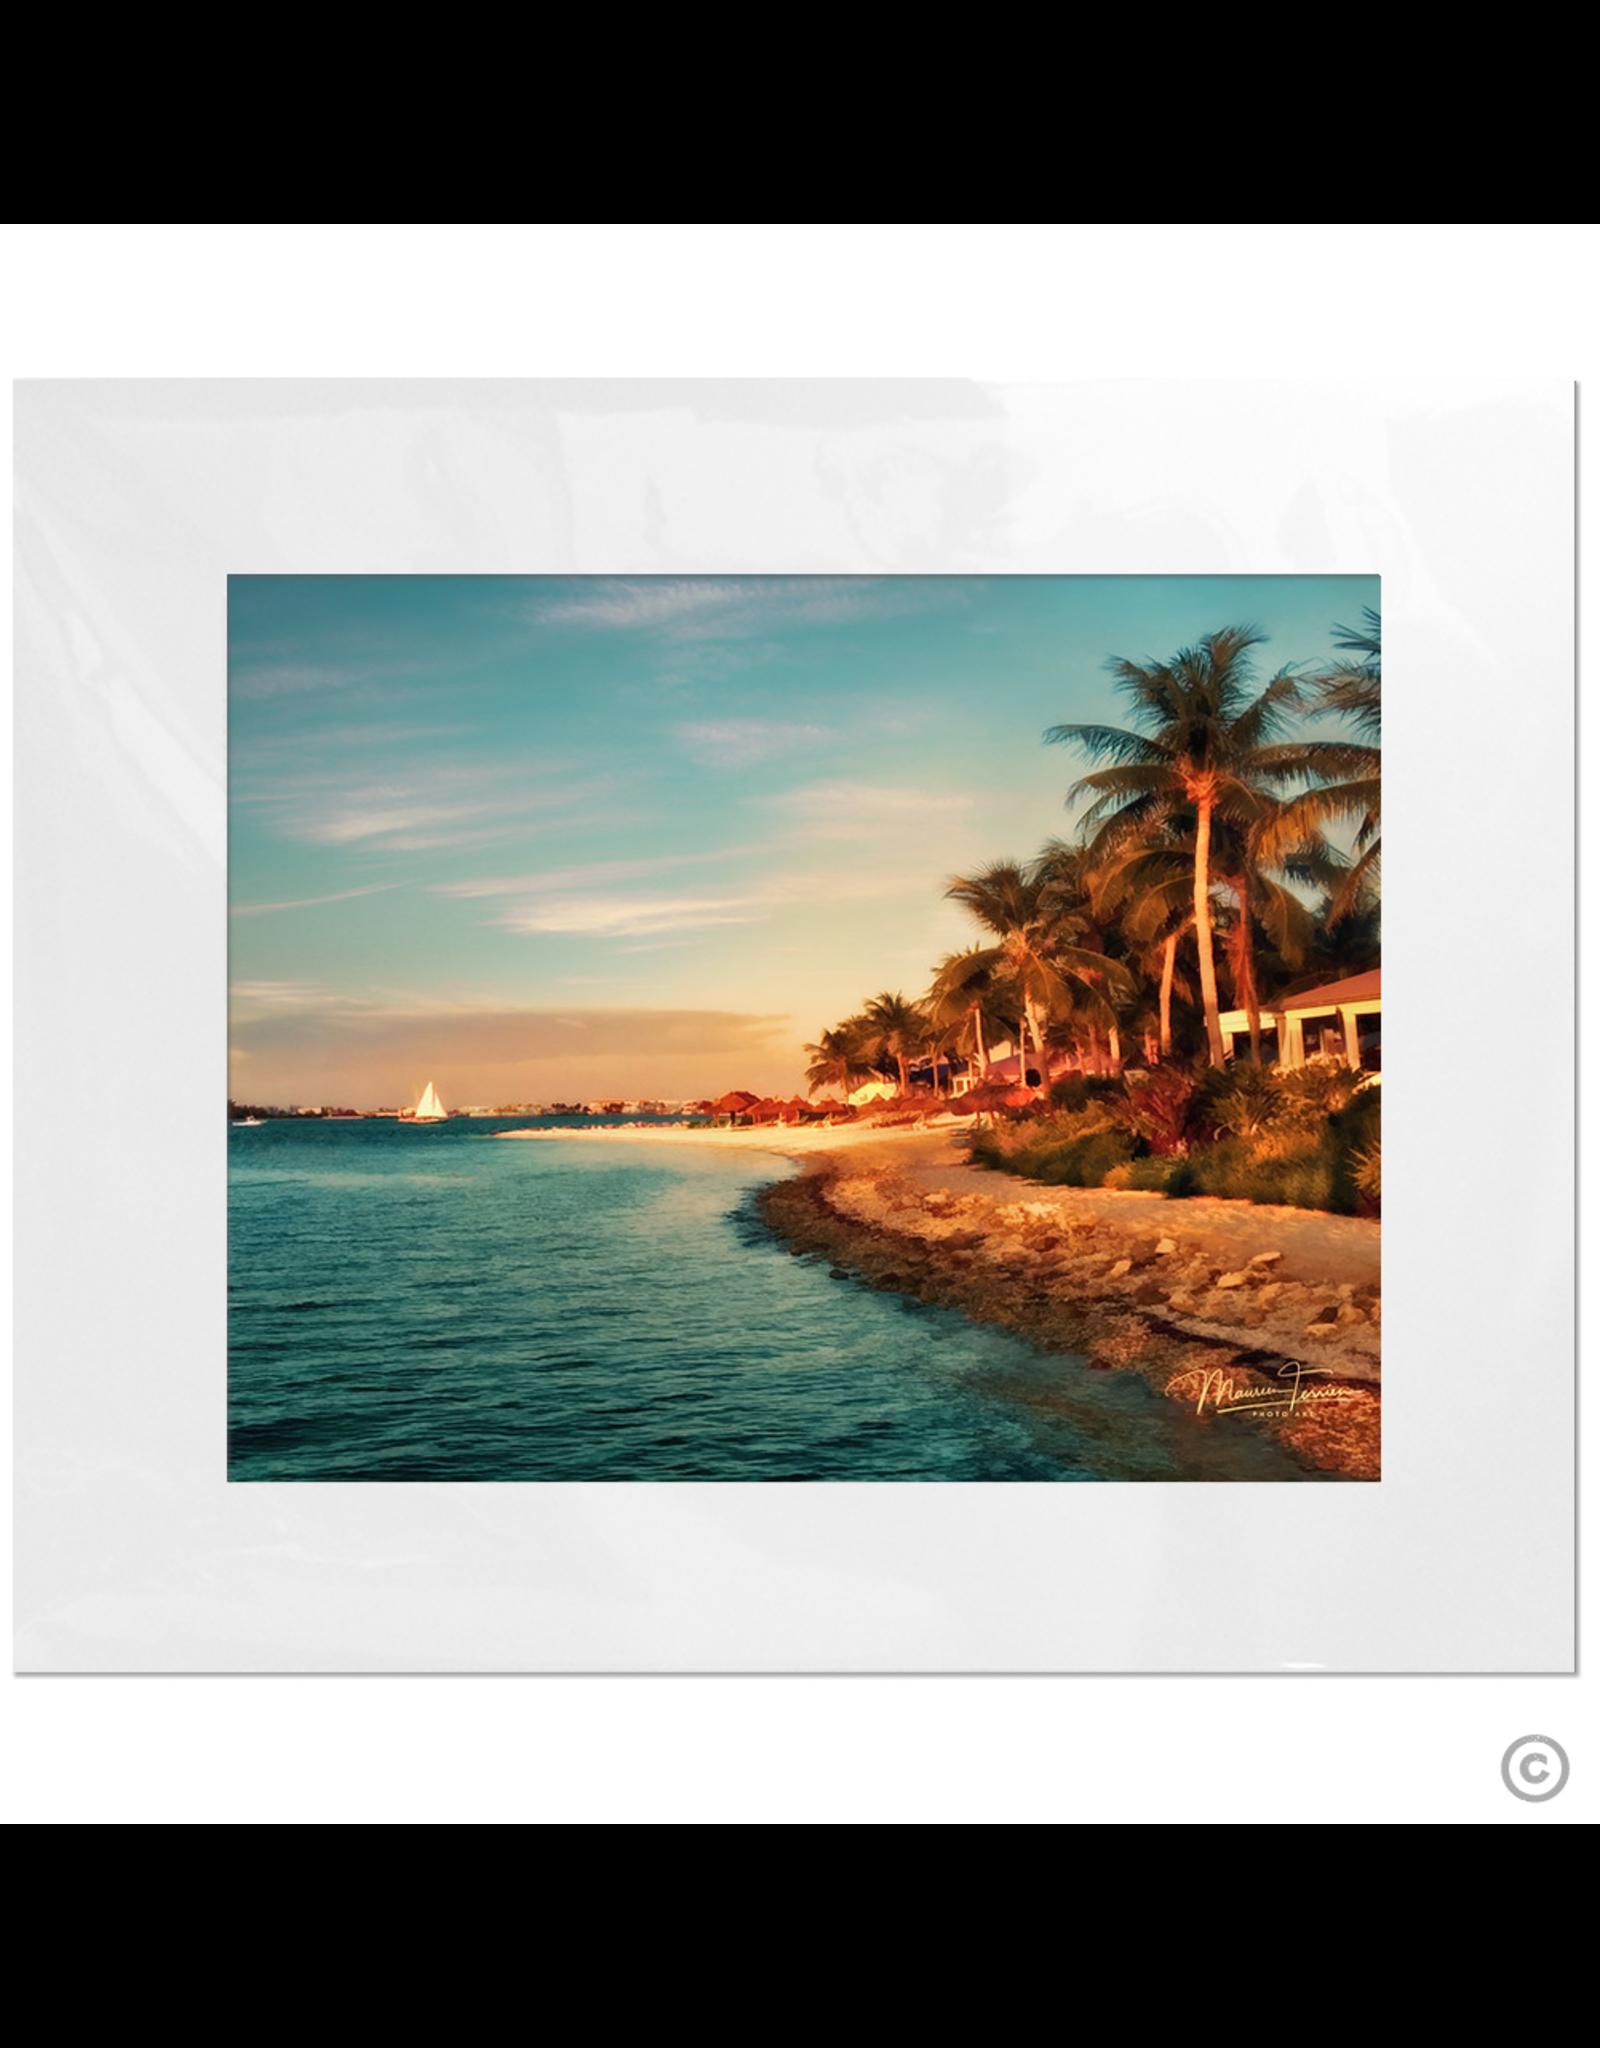 Maureen Terrien Photography Art Print Sunset Key Sunset 11x14 - 16x20 Matted